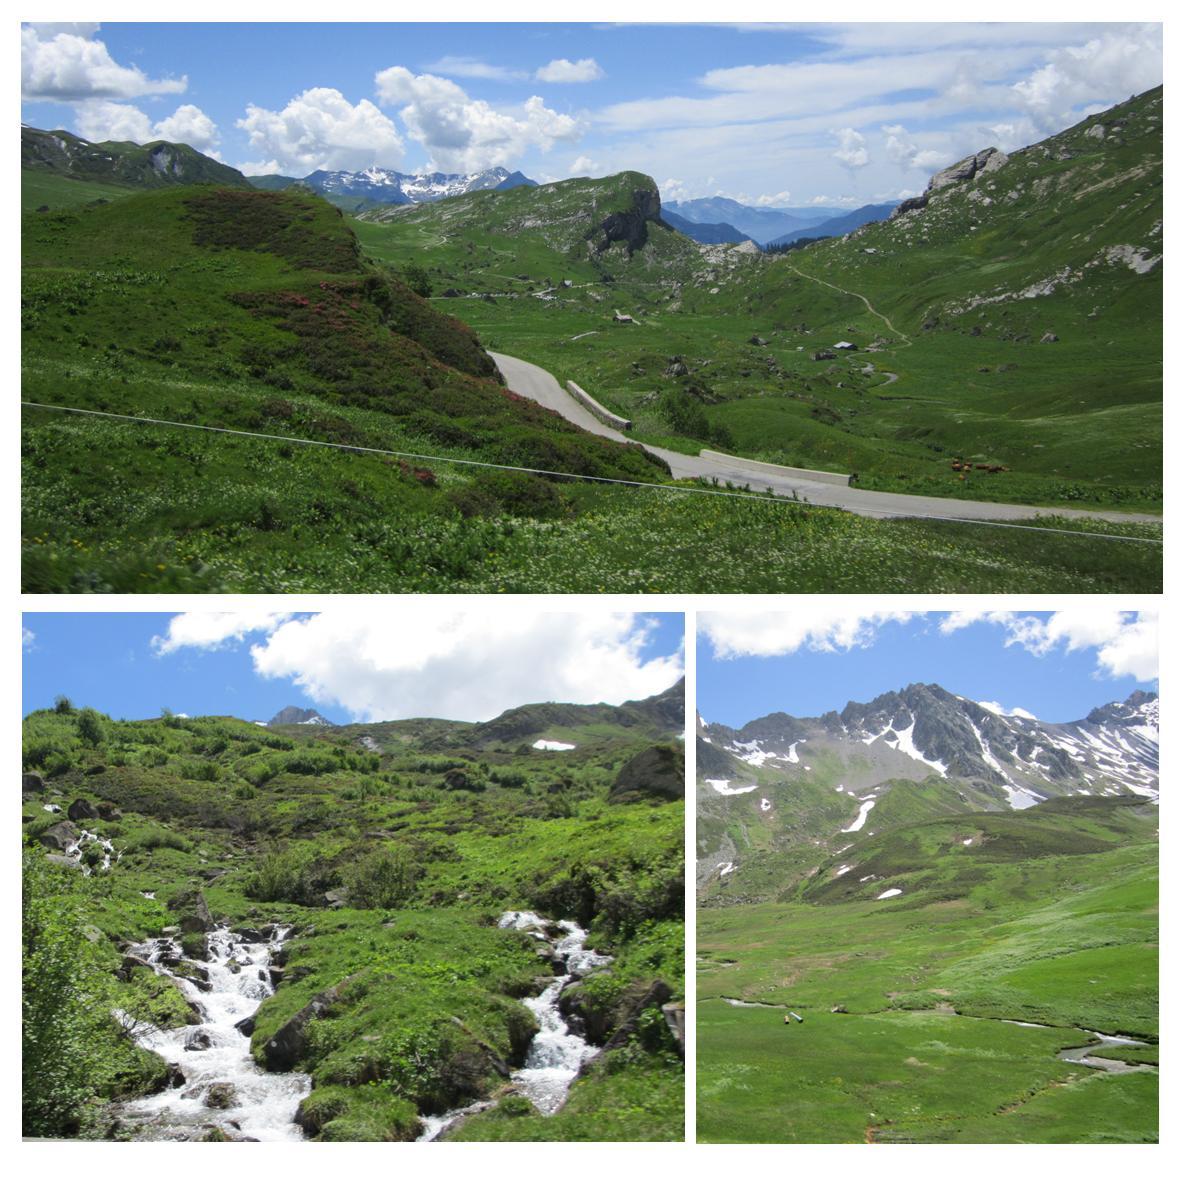 Høye fjelloverganger i de franske alper